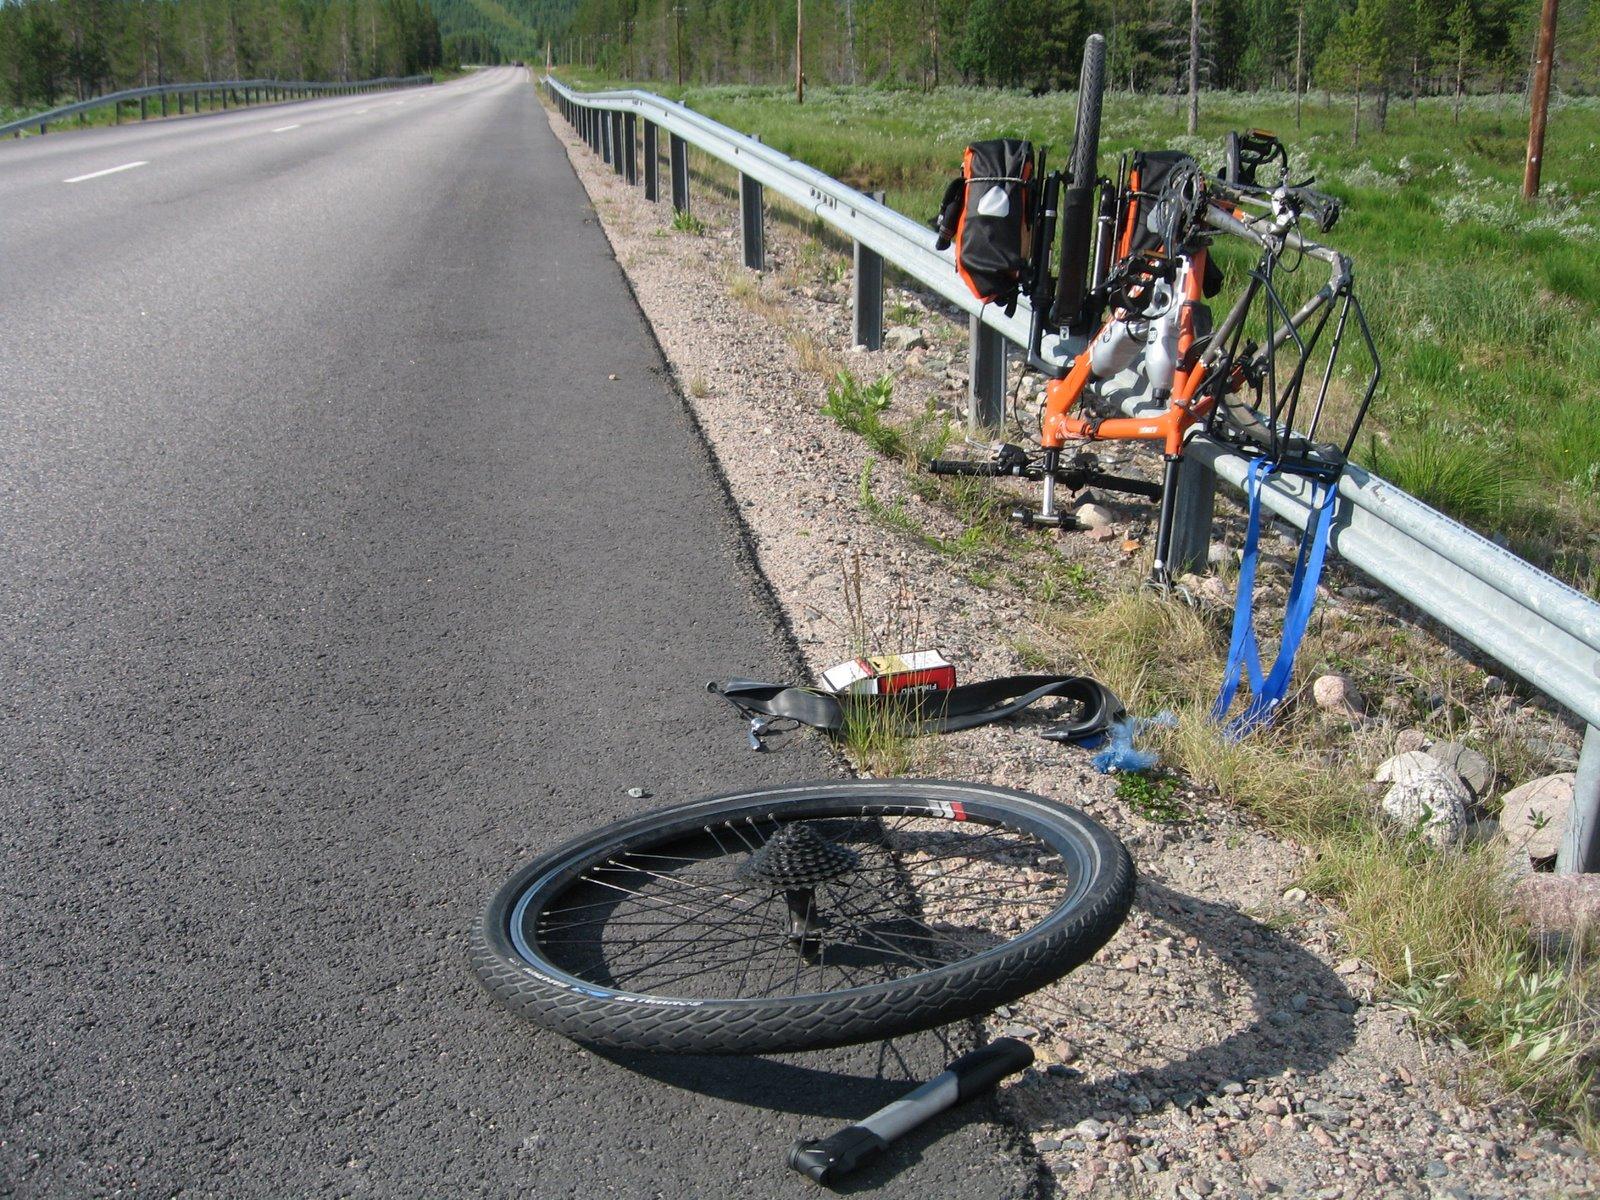 Reparando un pinchazo en la bicicleta en la ruta que cruza Suecia